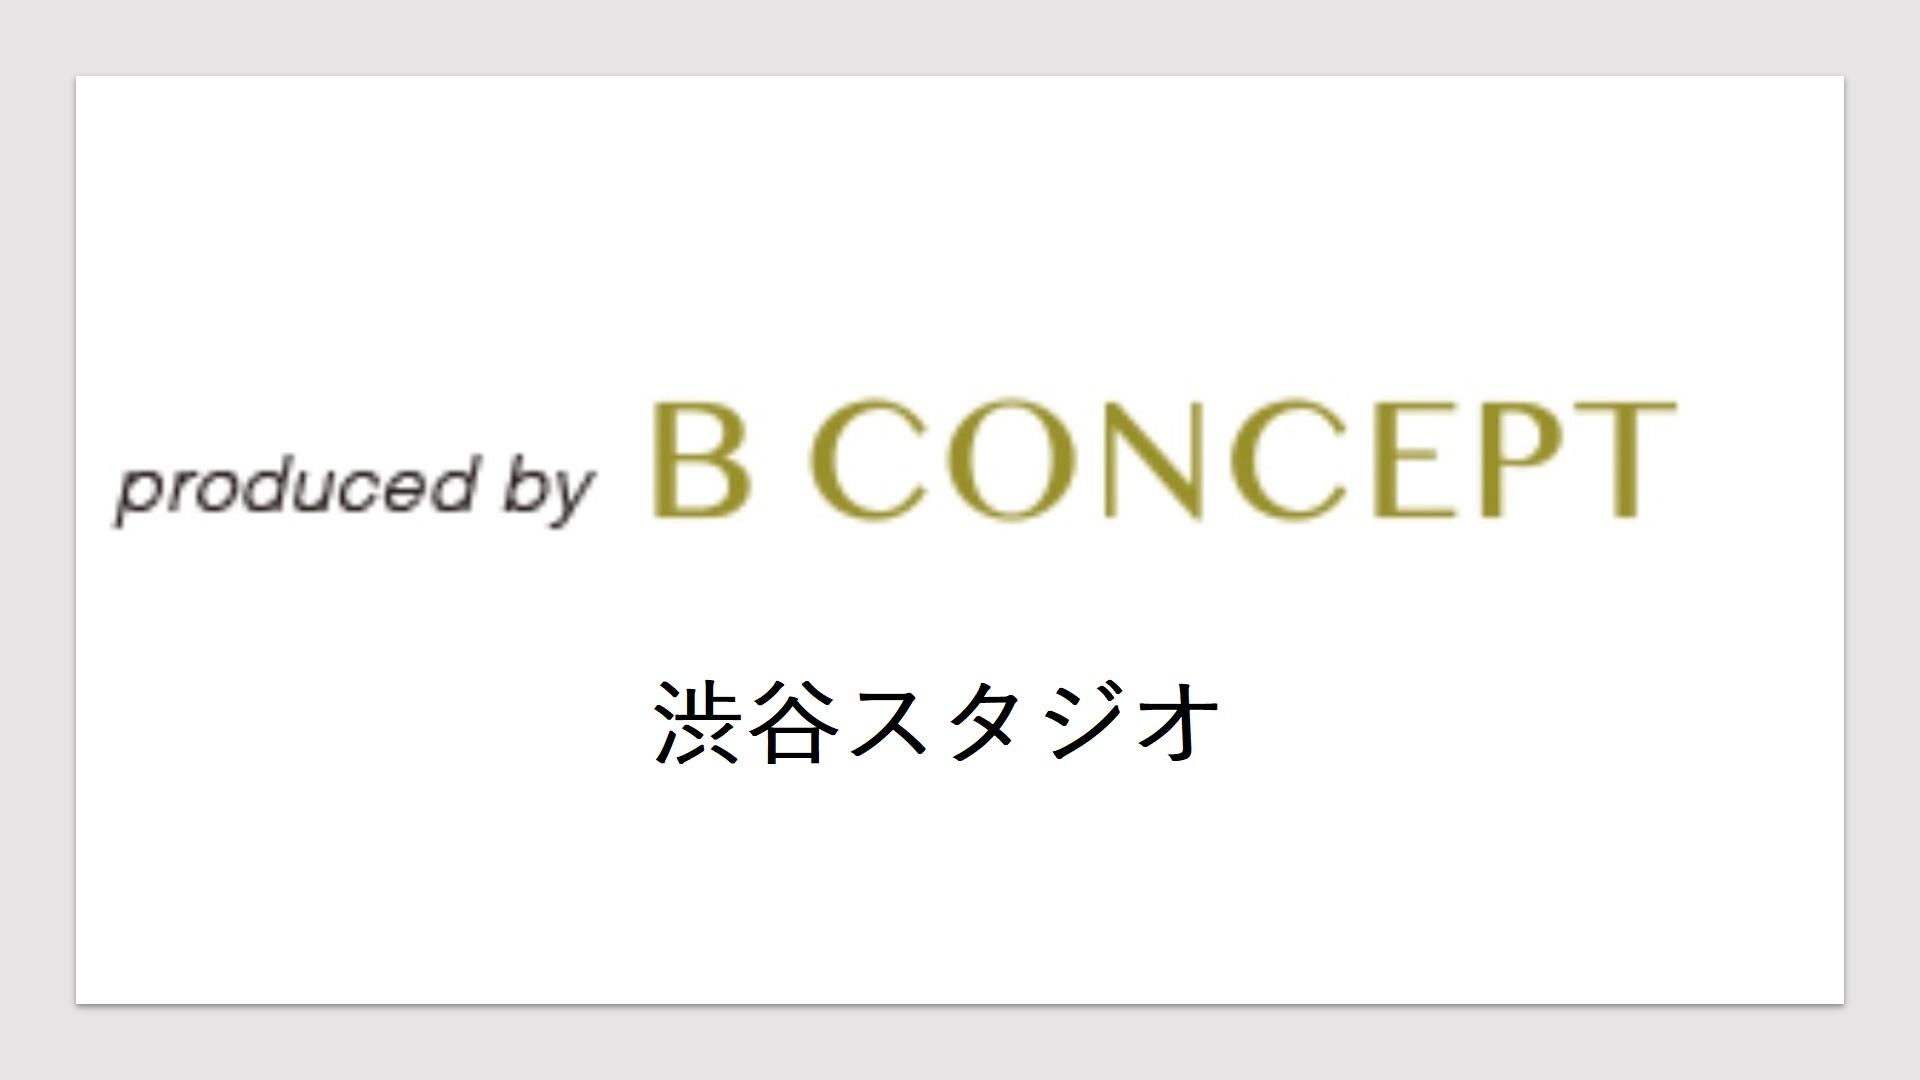 ビーコンセプト(渋谷スタジオ)